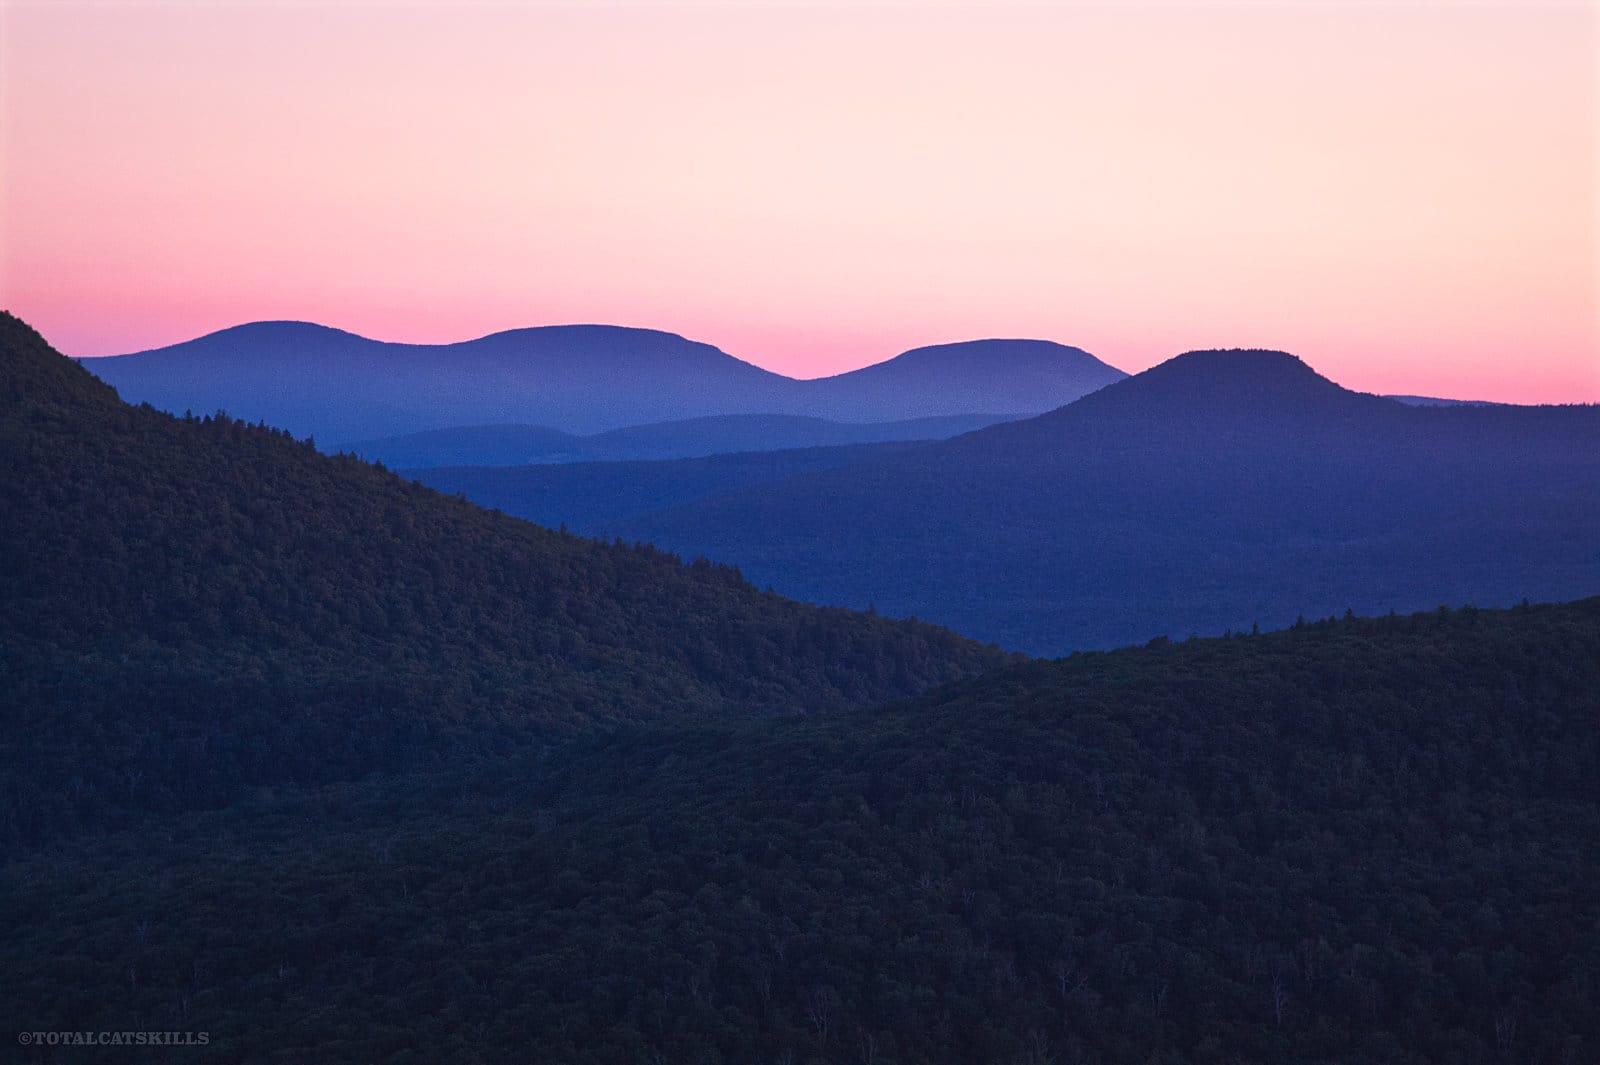 pre-dawn mountain peaks